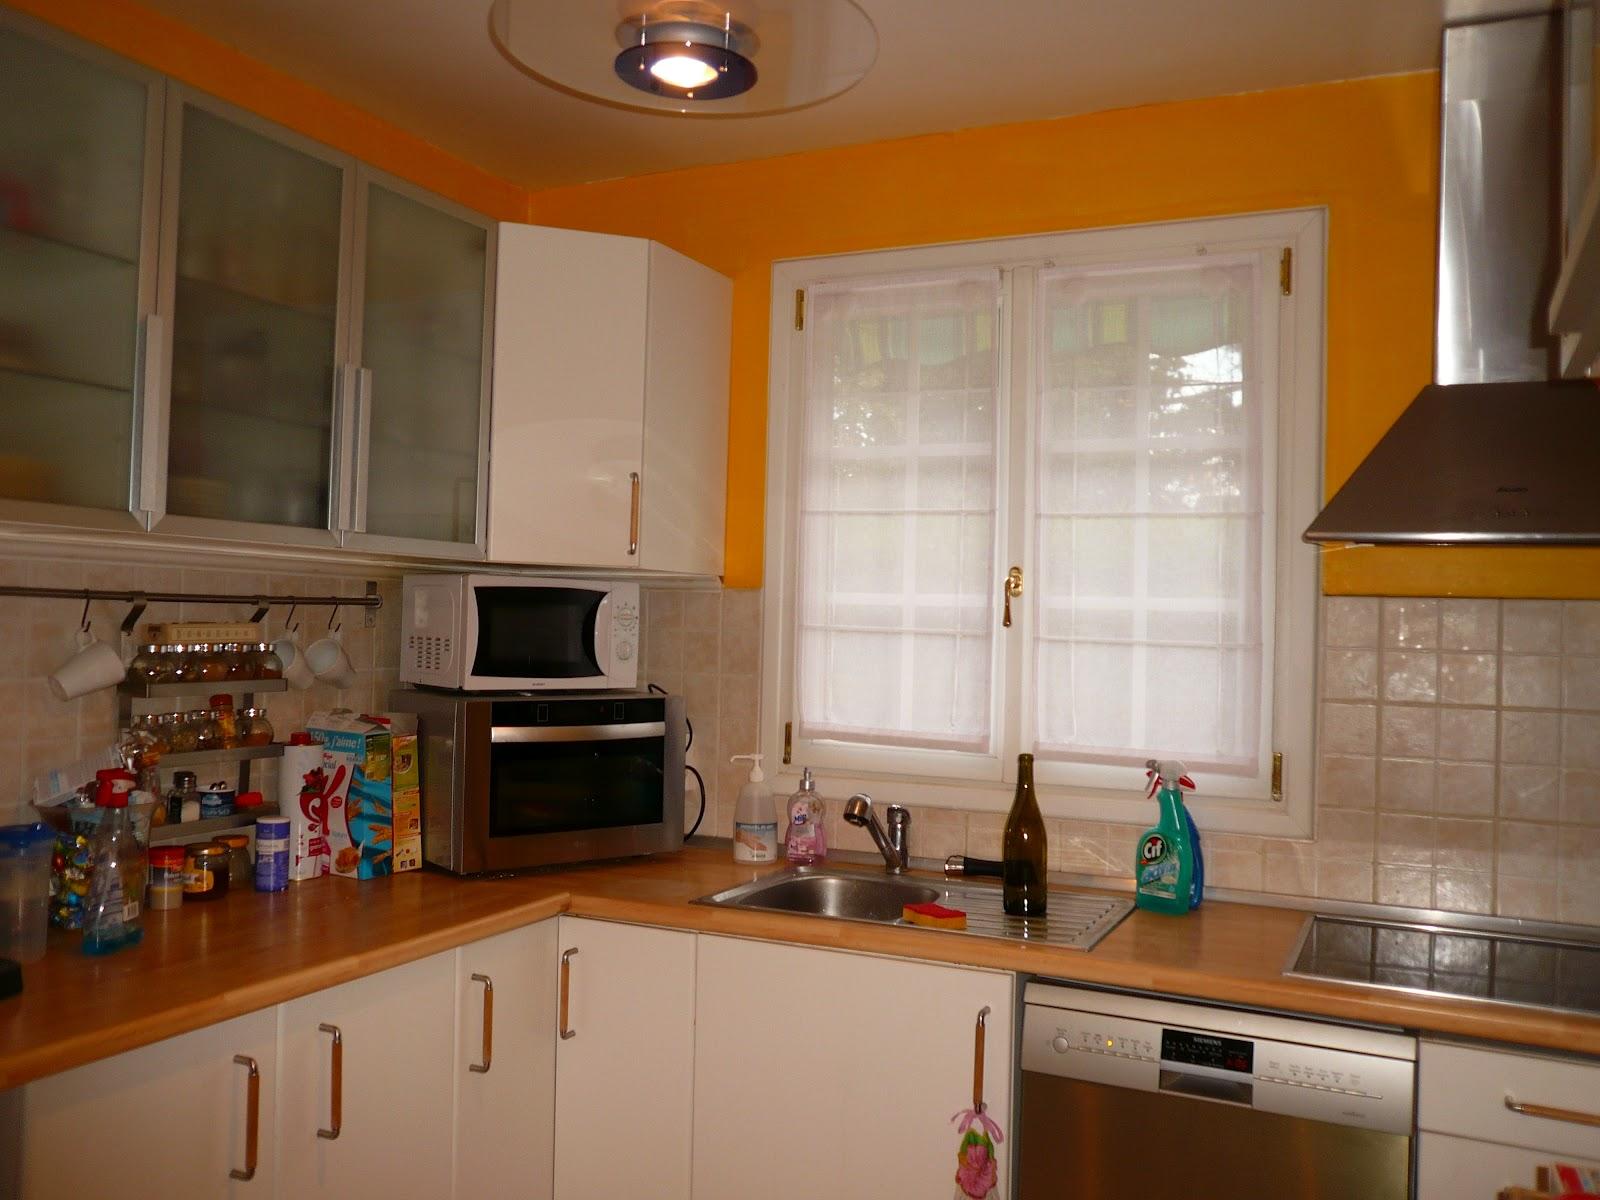 A vendre maison kaufman 100 m2 saint germain les corbeils for Cuisine americaine equipee